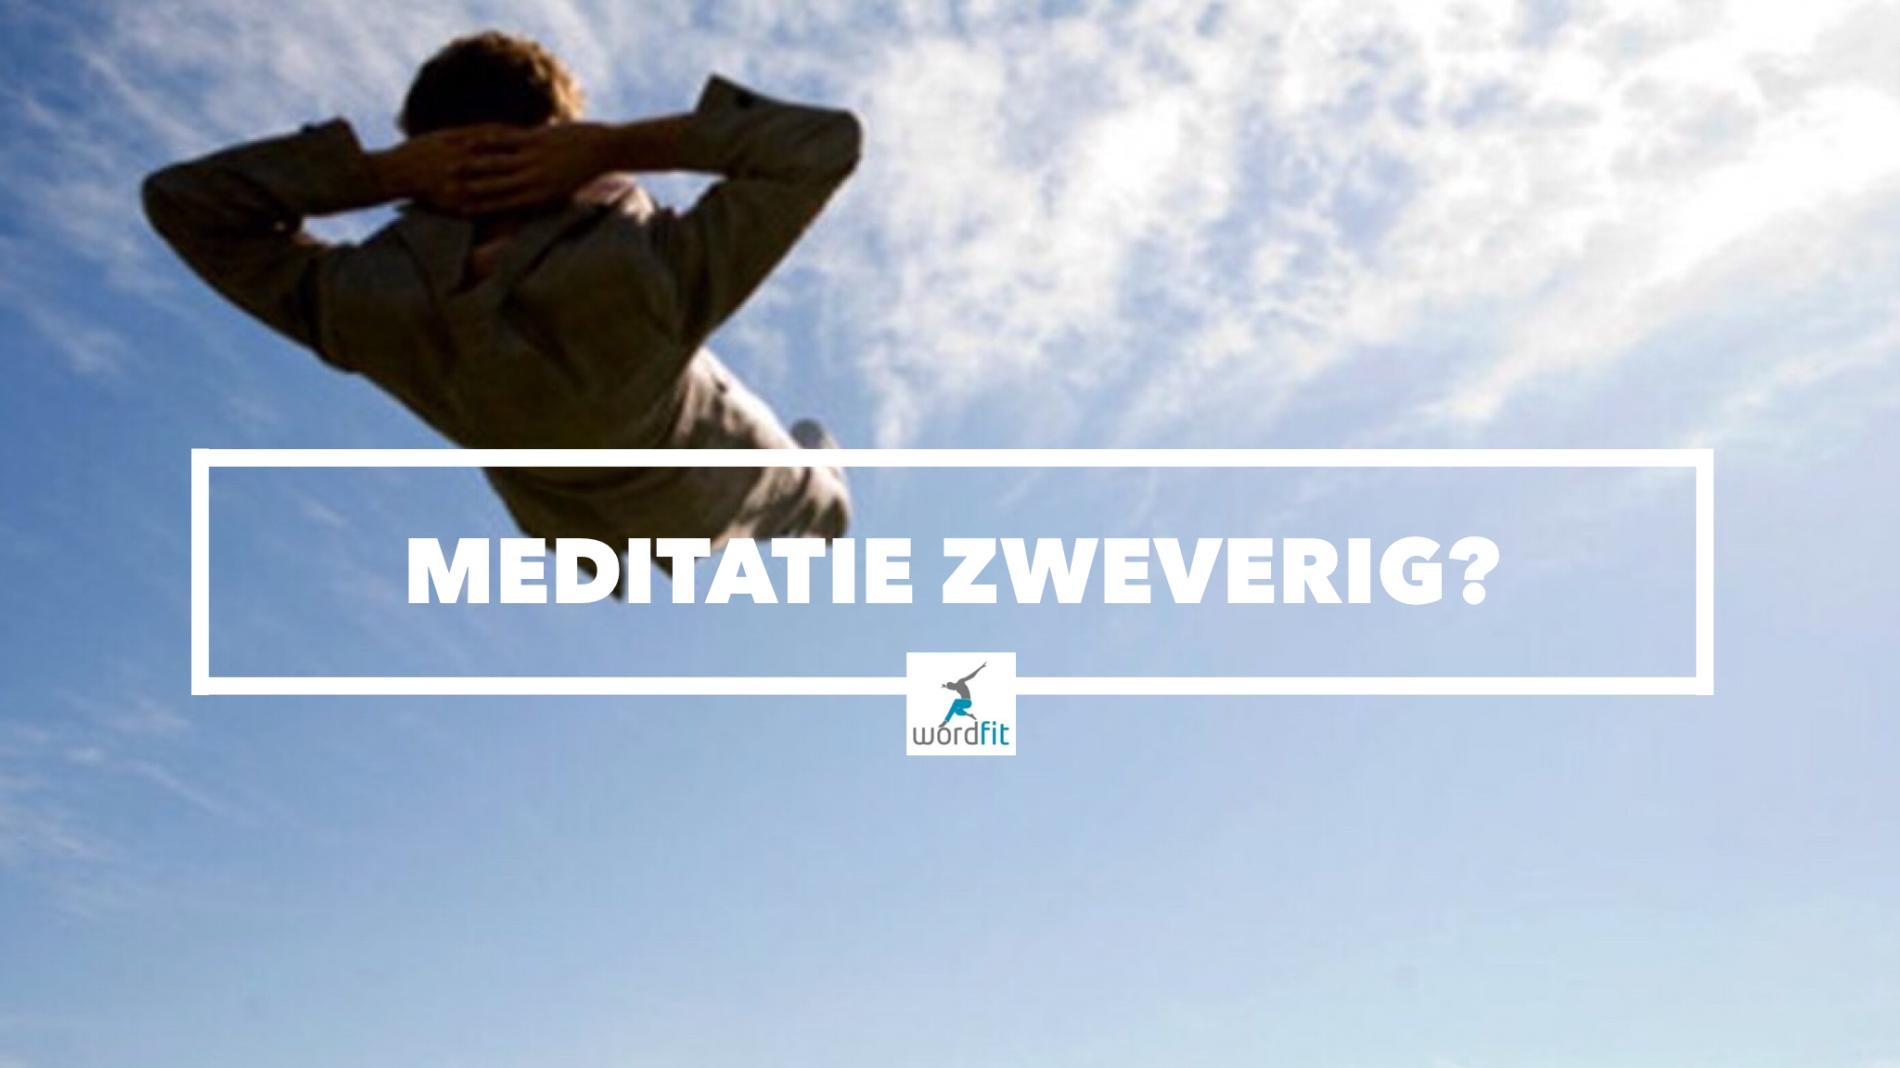 Meditatie is niet per se zweverig WordFit.be mindset